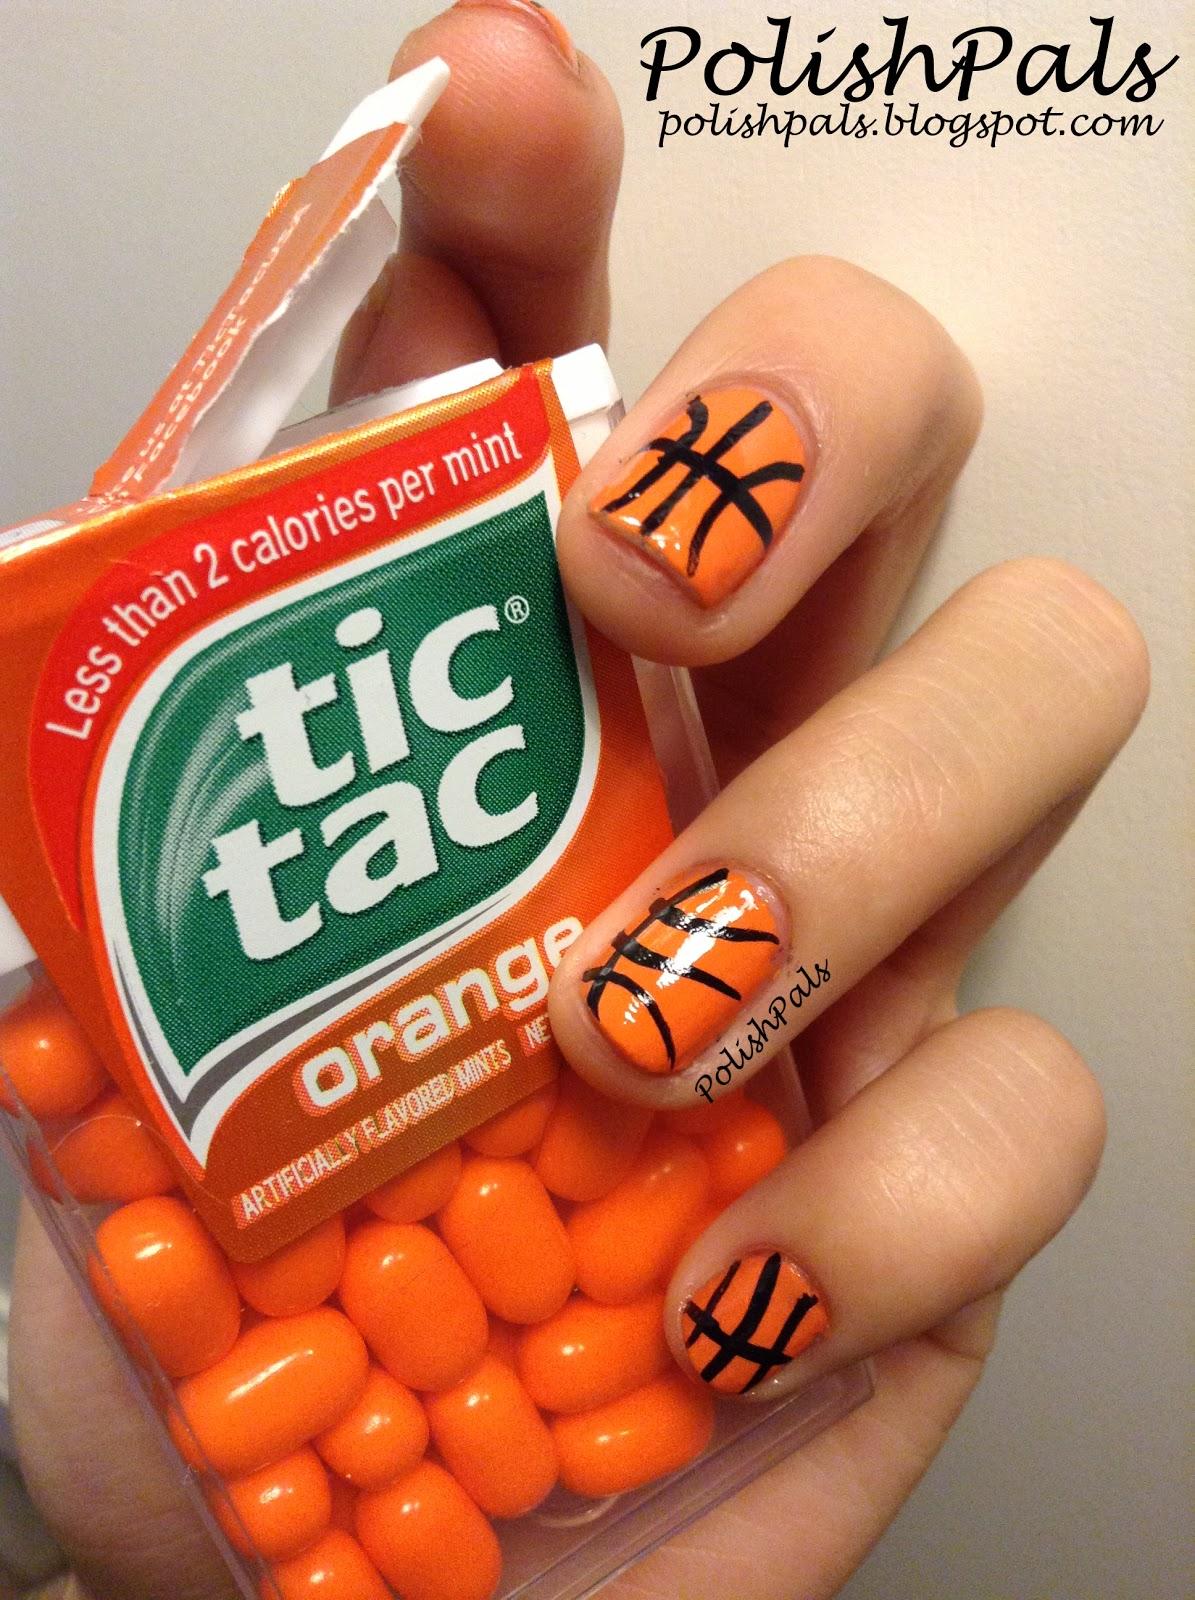 Basketball Nails - Polish Pals: Basketball Nails Tutorial